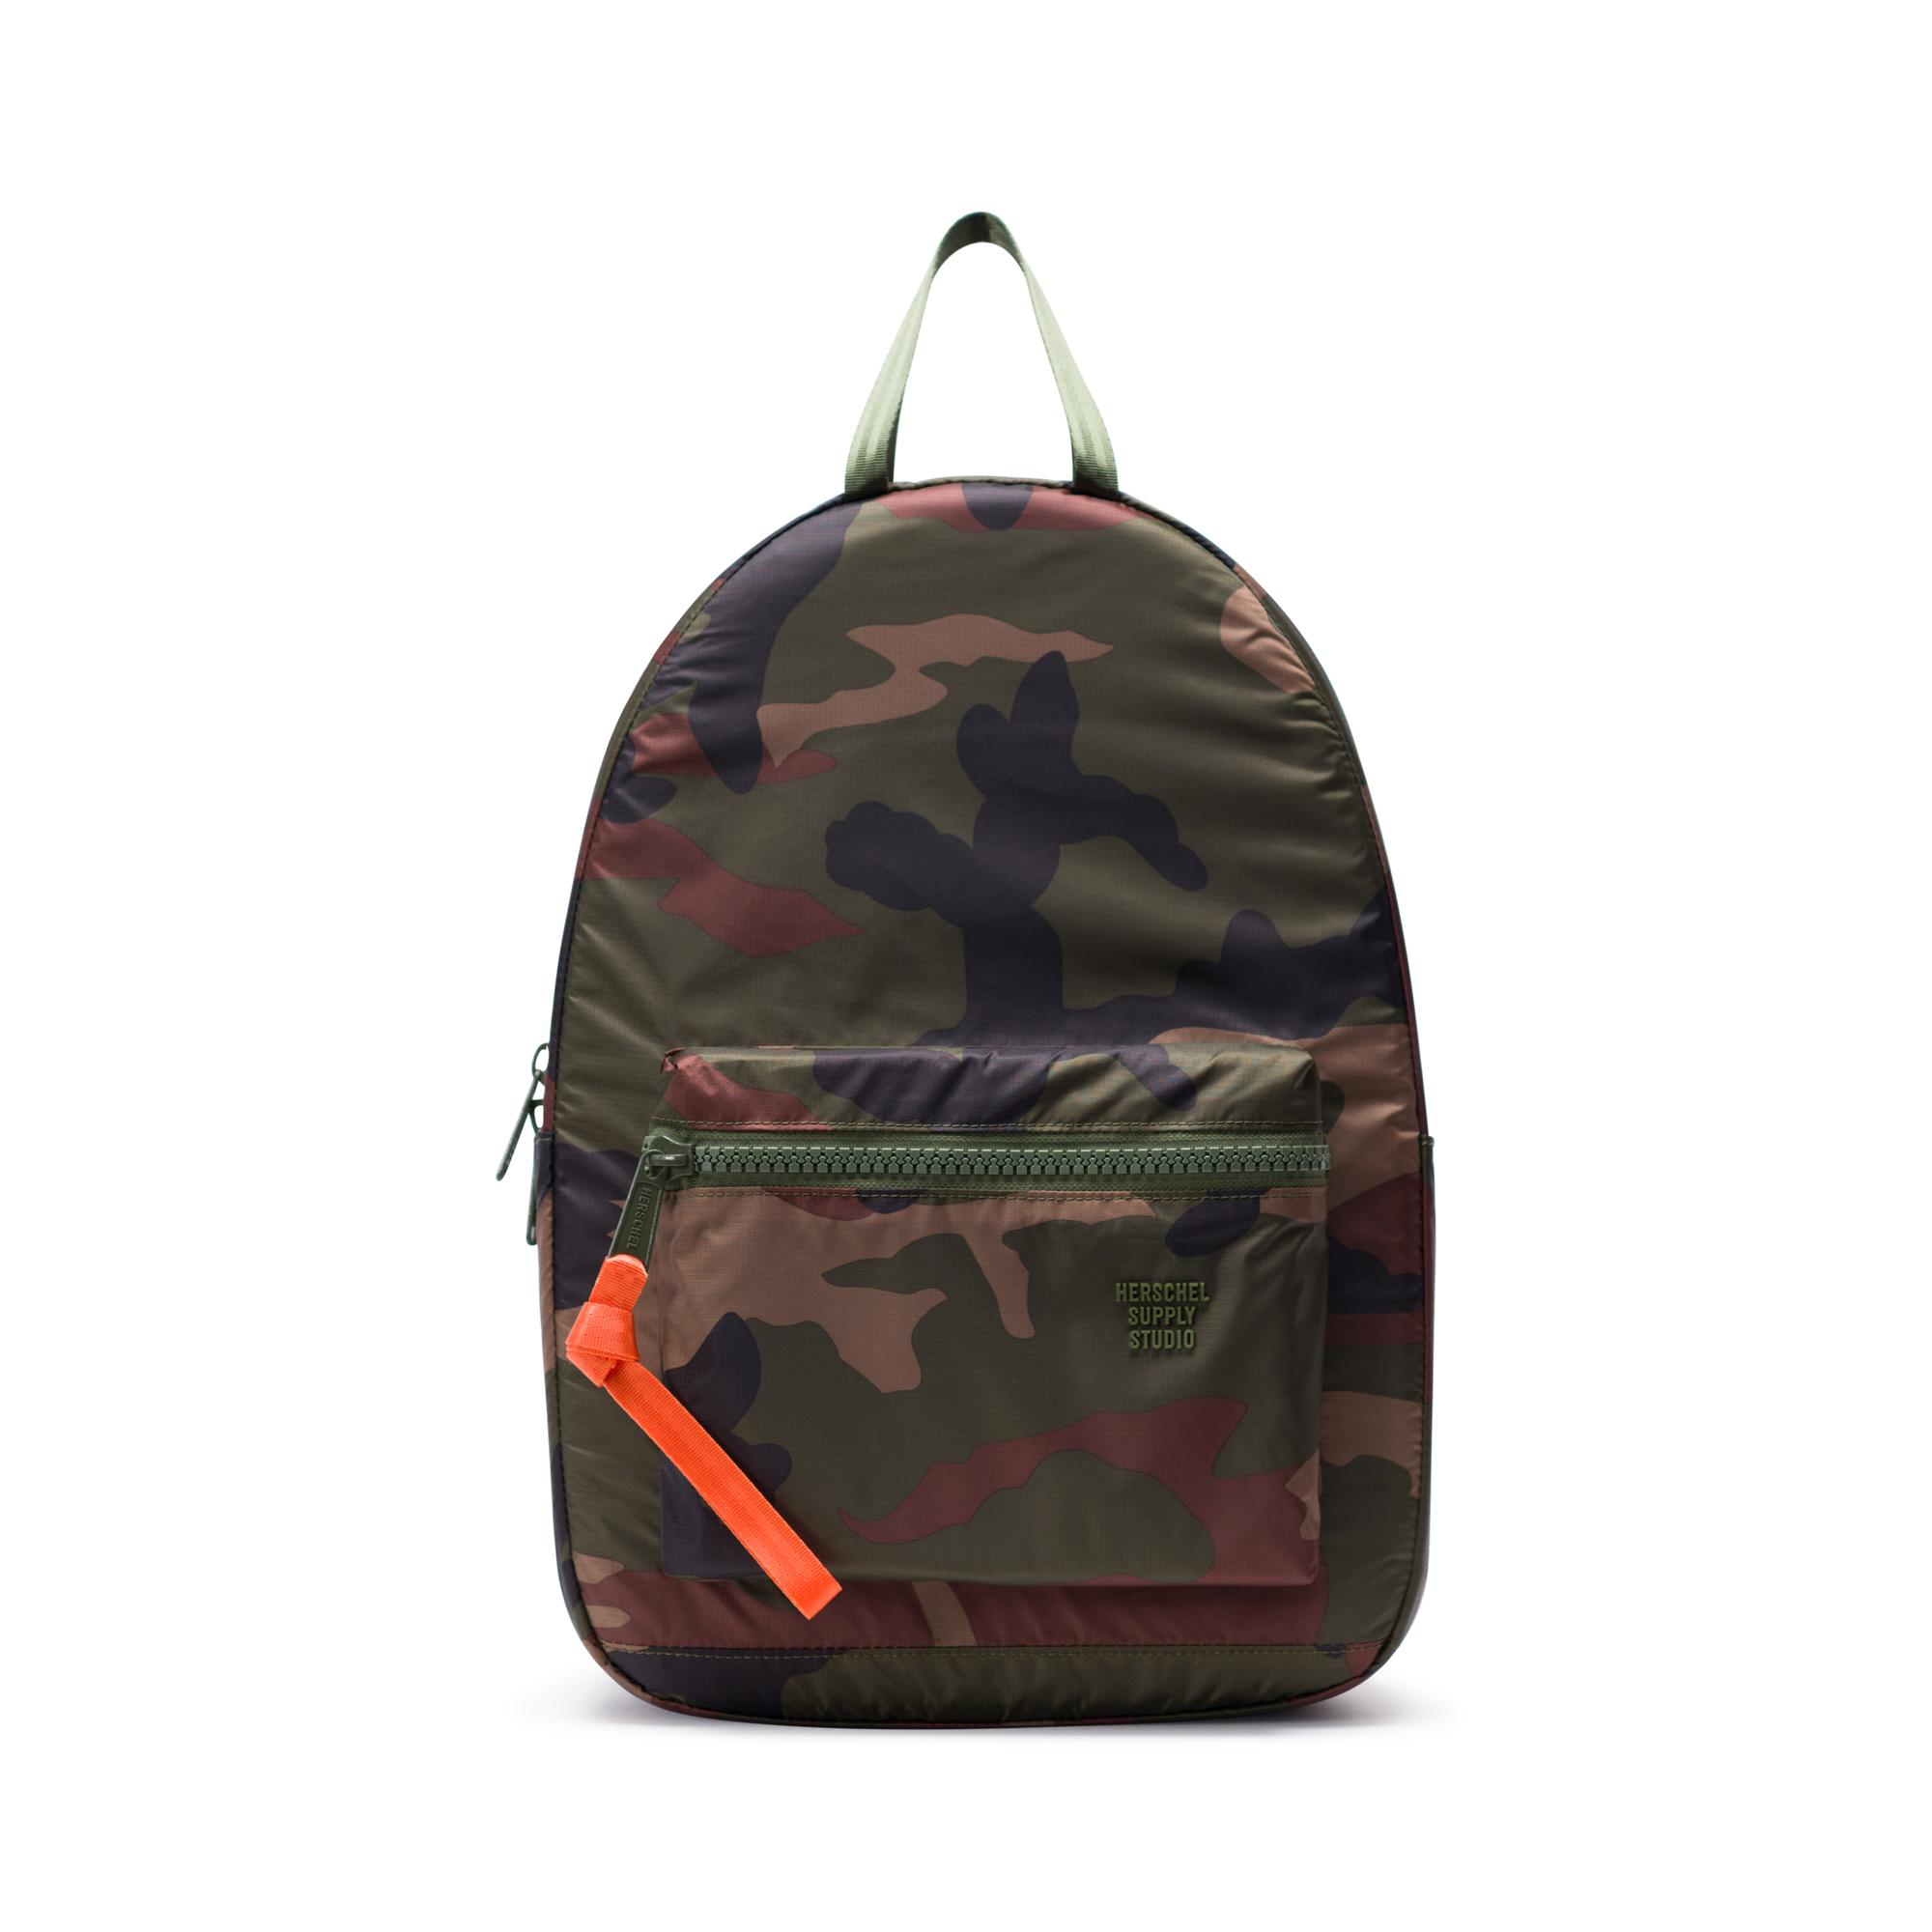 Supply Herschel Hs6 Studio Backpack Company tqtp06